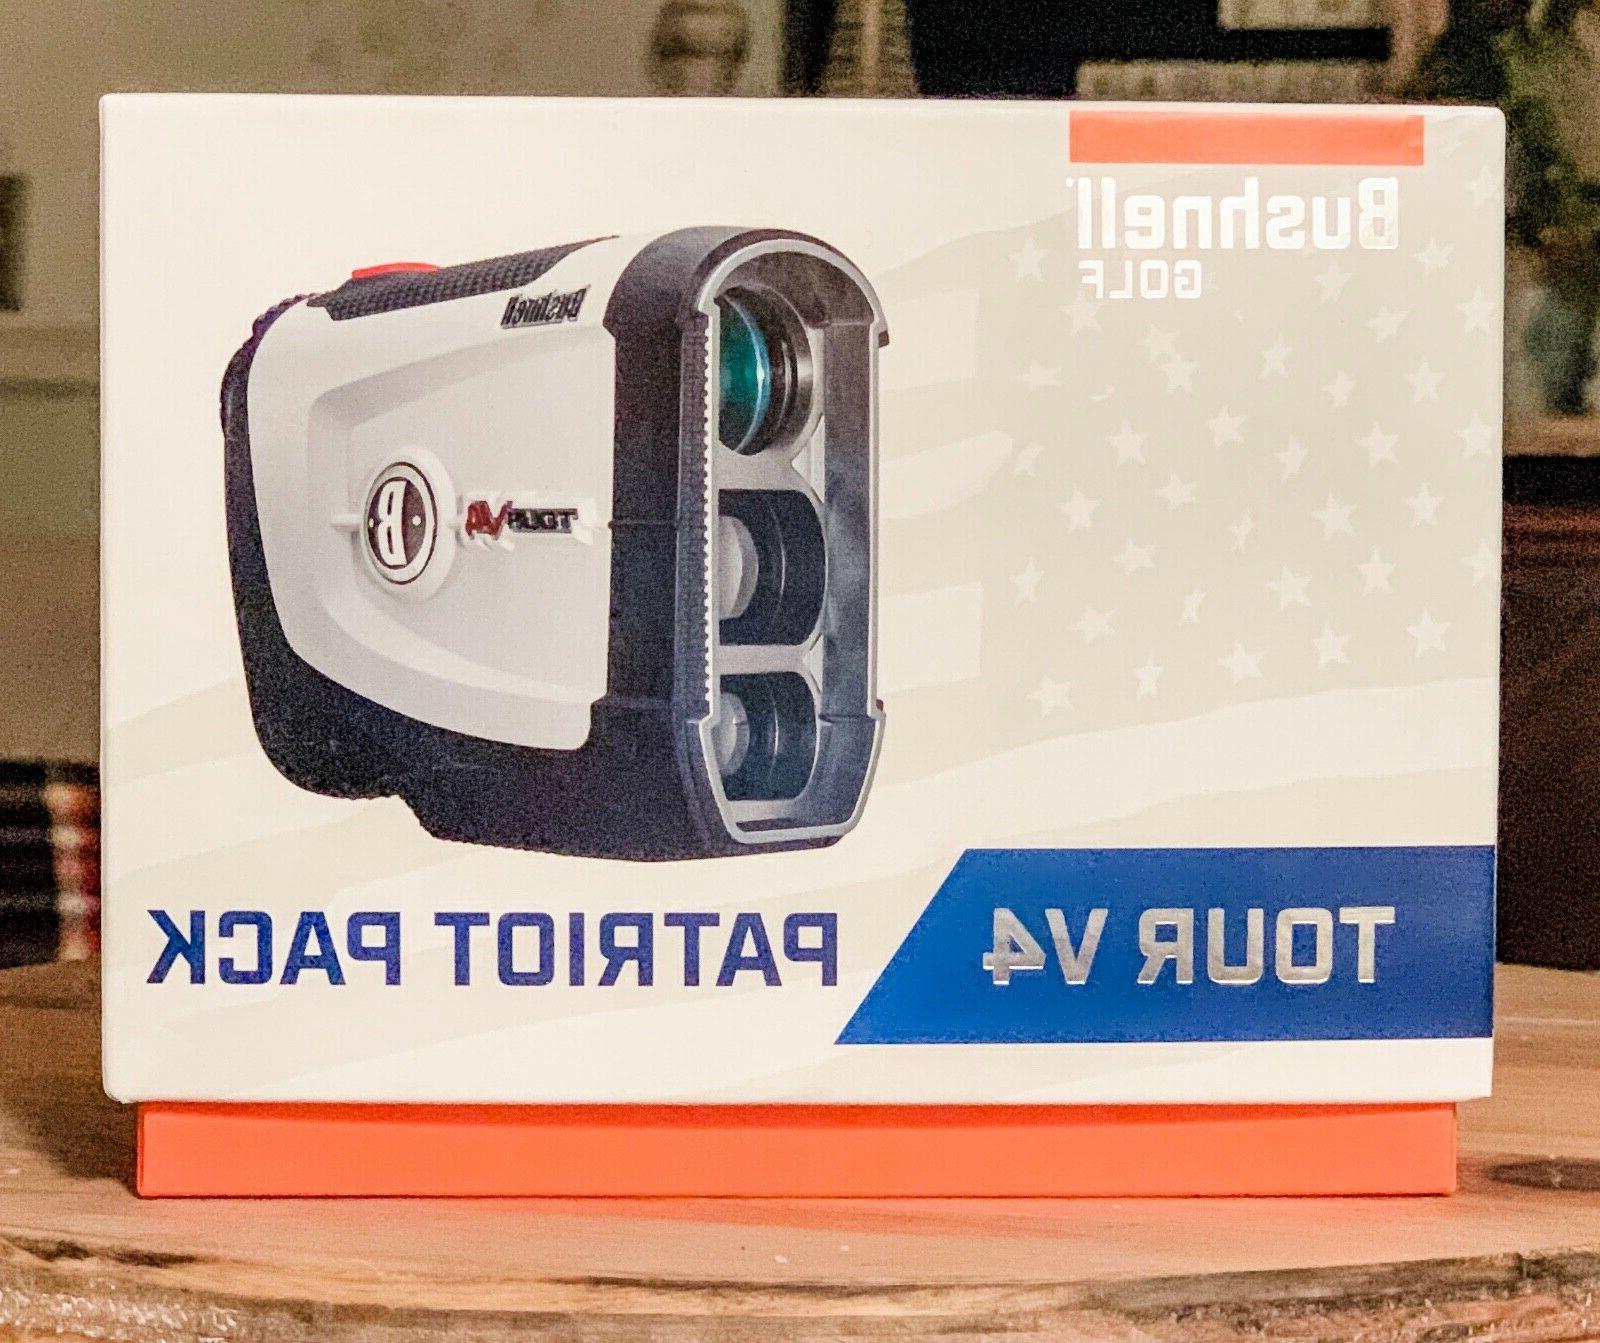 tour v4 jolt golf laser